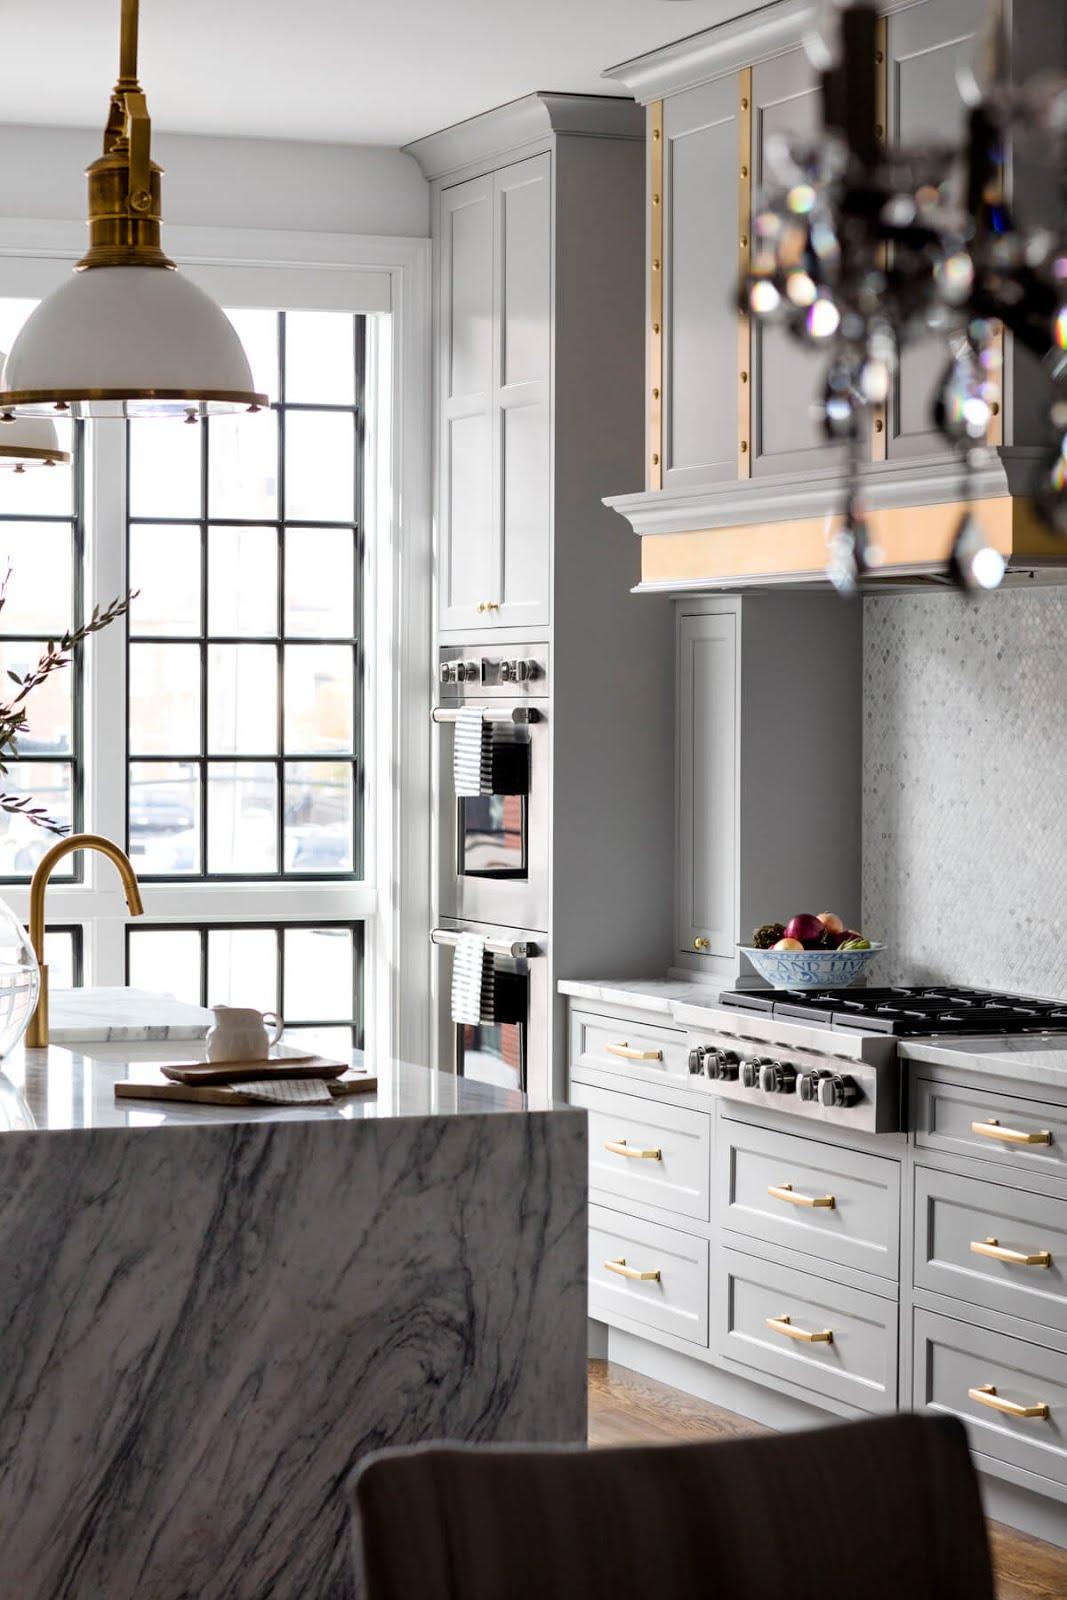 Phụ kiện trang trí cần thiết để tạo nên một phòng bếp quyến rũ - Ảnh 3.